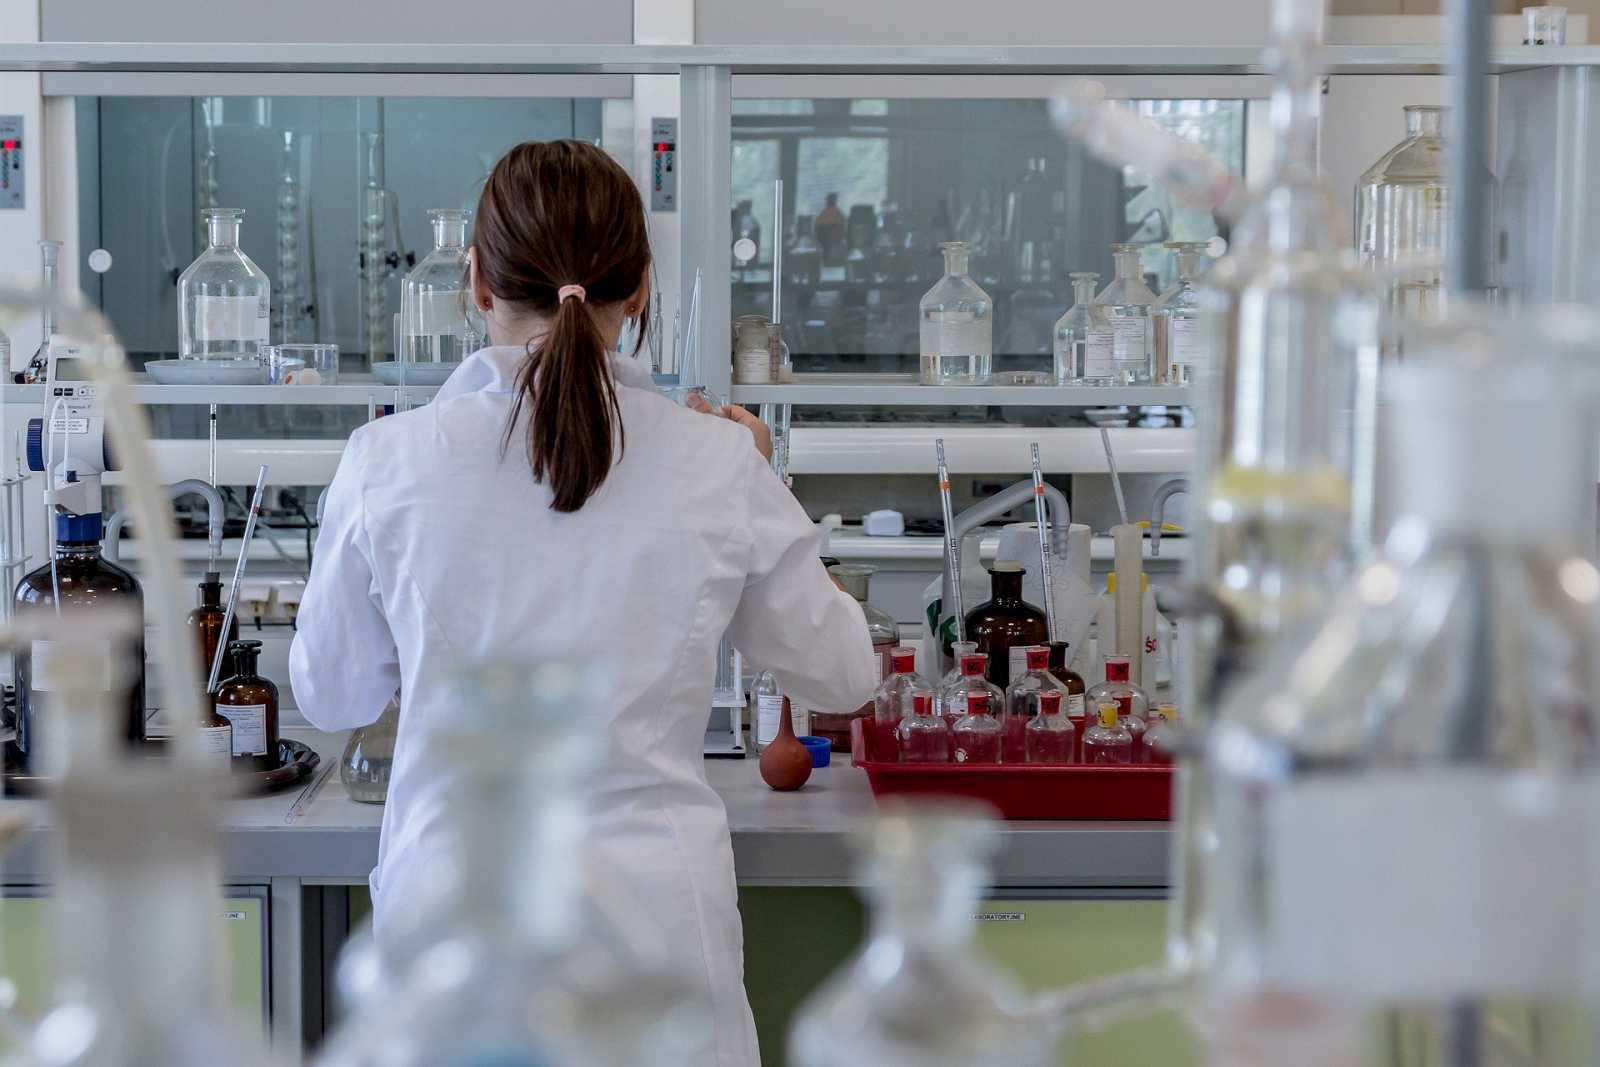 Las mujeres, invisibles en la ciencia - Escuchar ahora